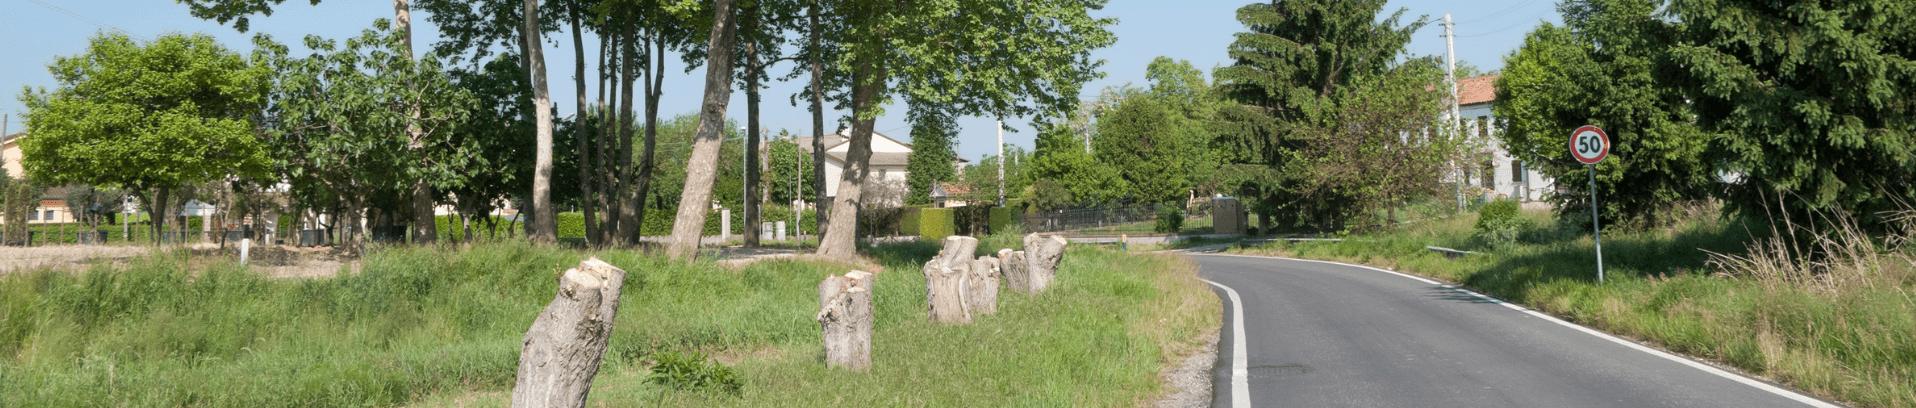 Route village